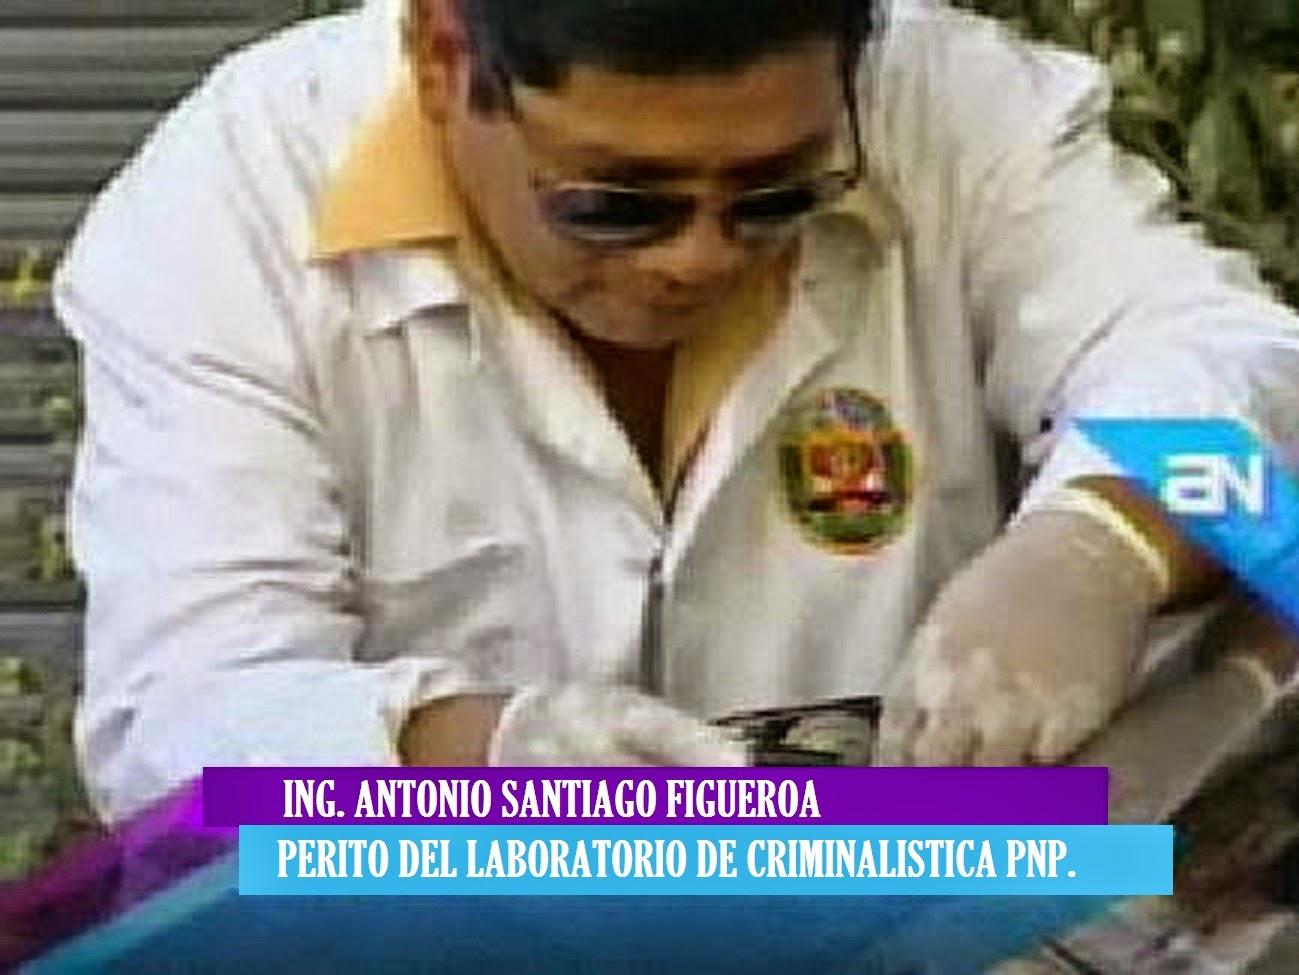 Perito del Laboratorio Central de Criminalistica de la Policia Nacional del Perú